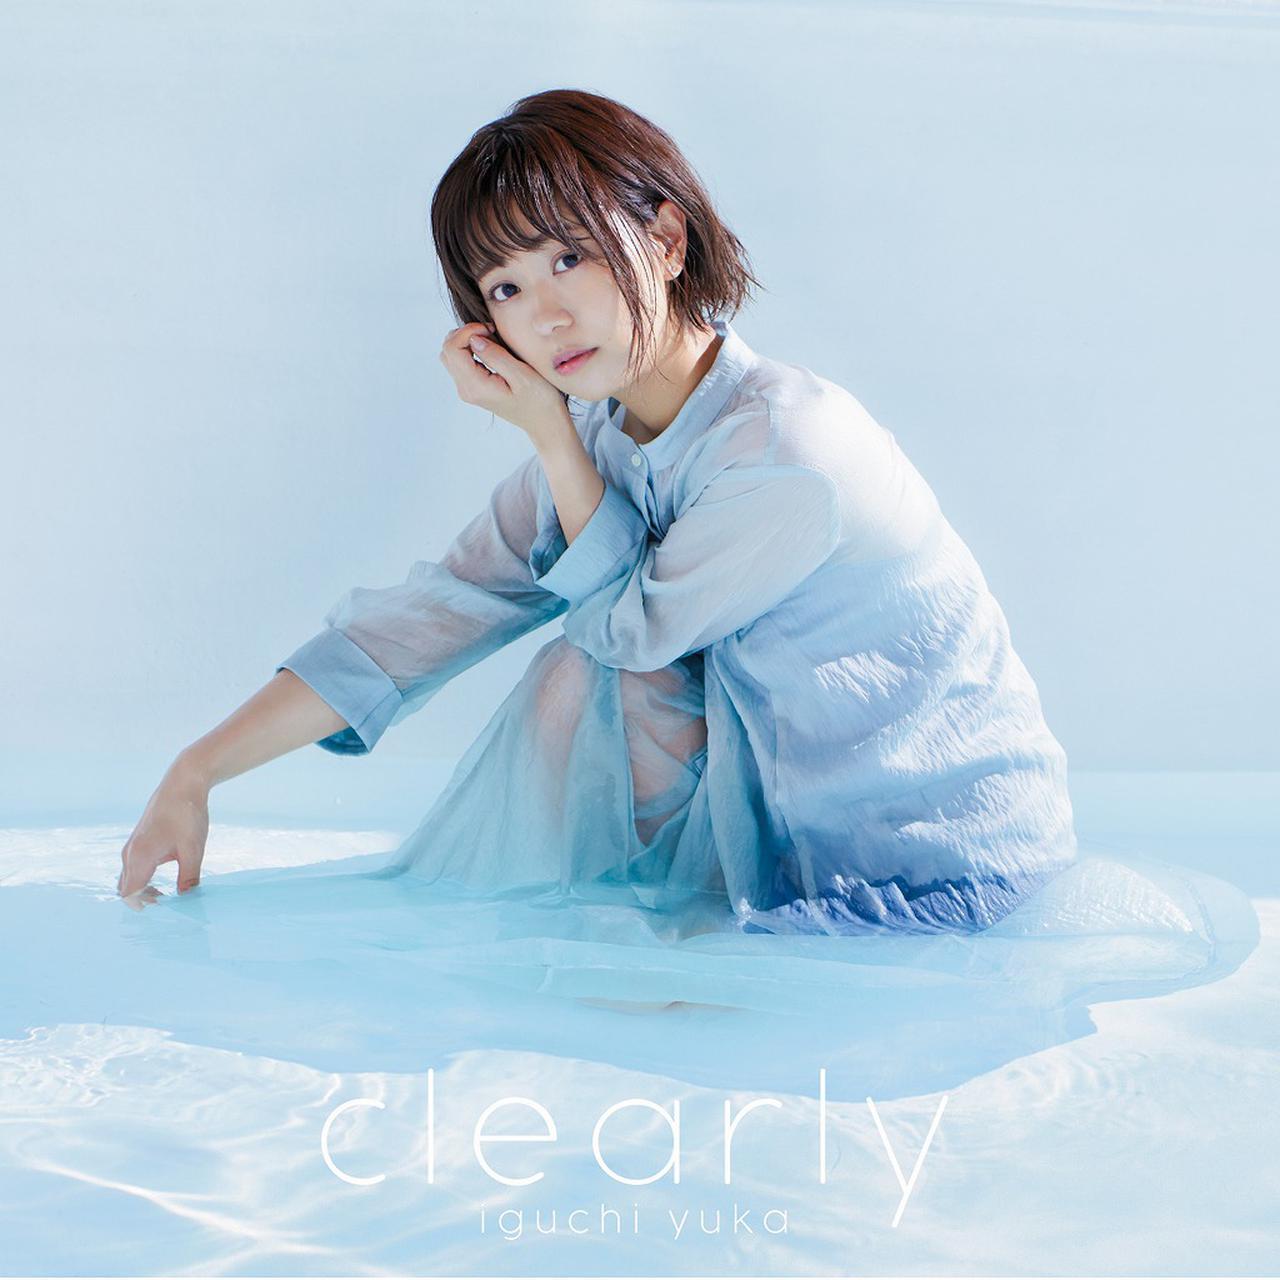 画像: clearly / 井口裕香